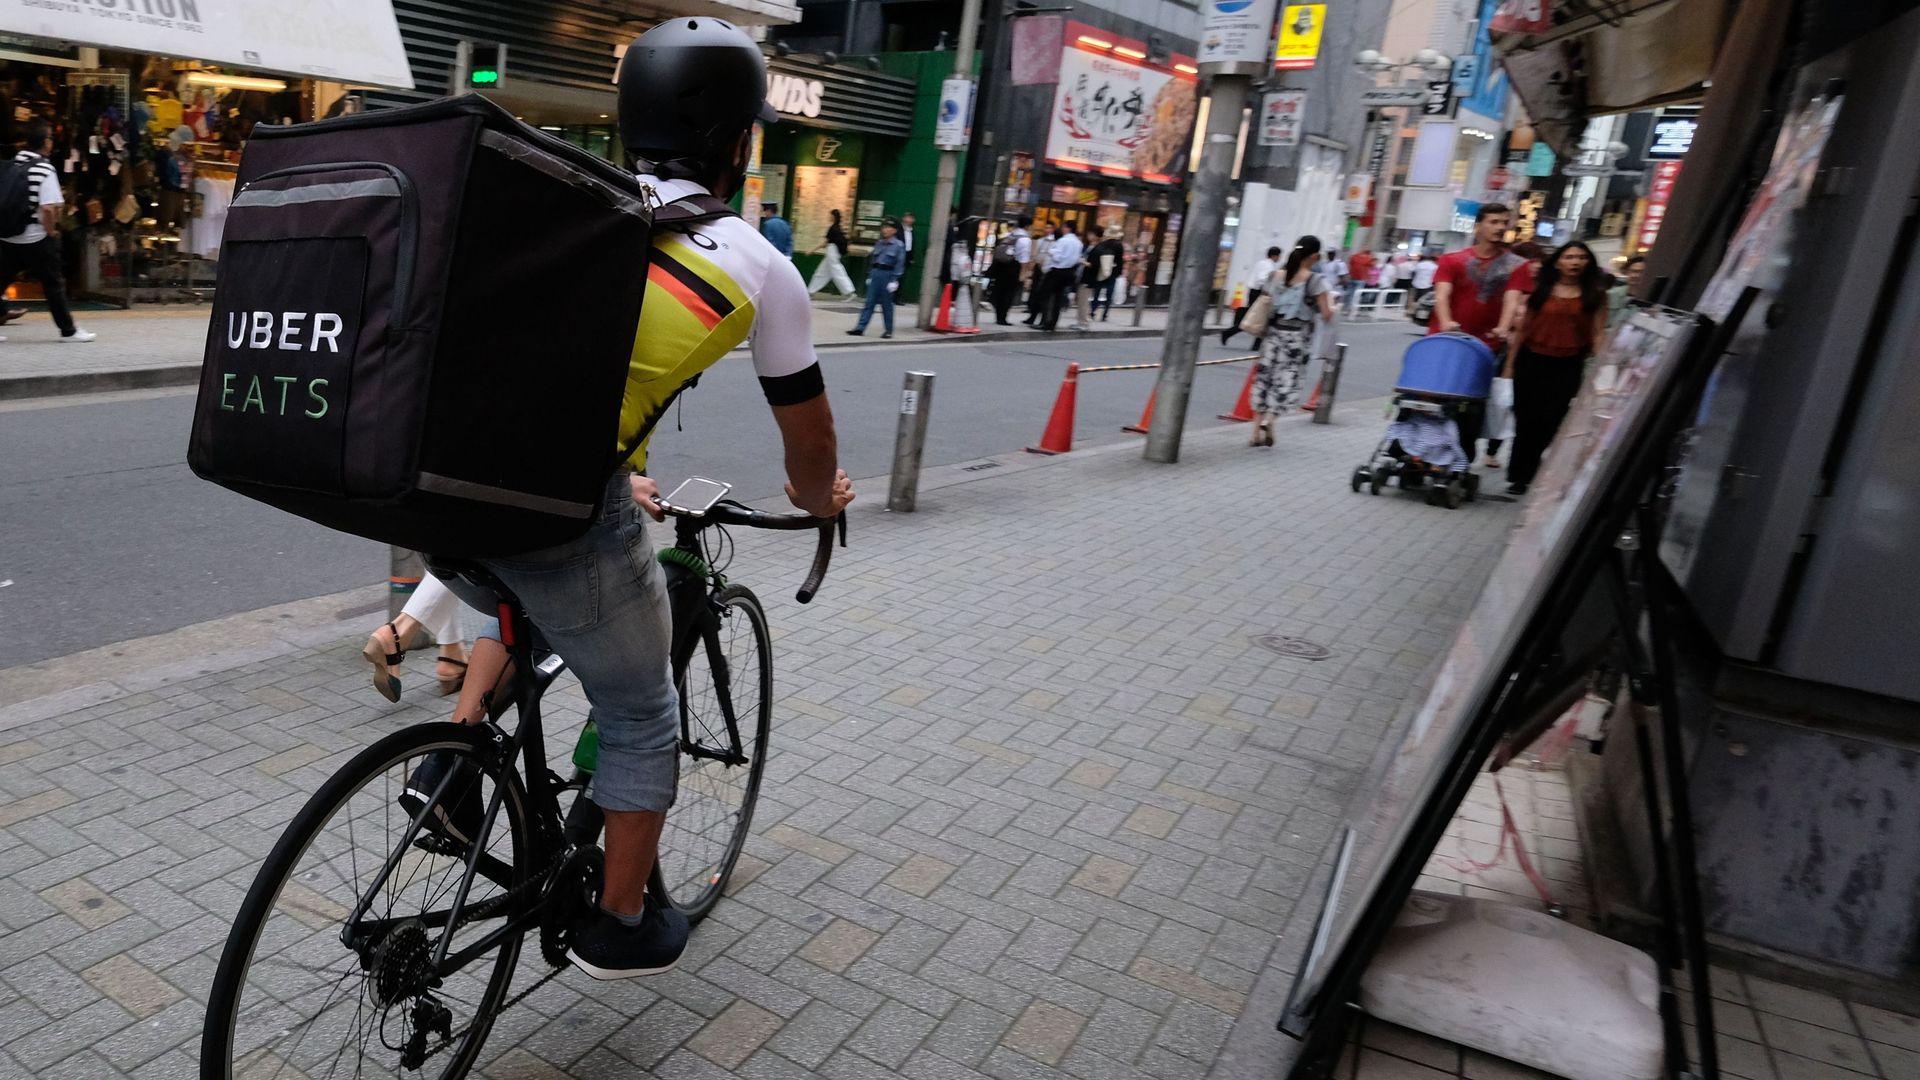 Man on bike delivering food with Uber Eats.